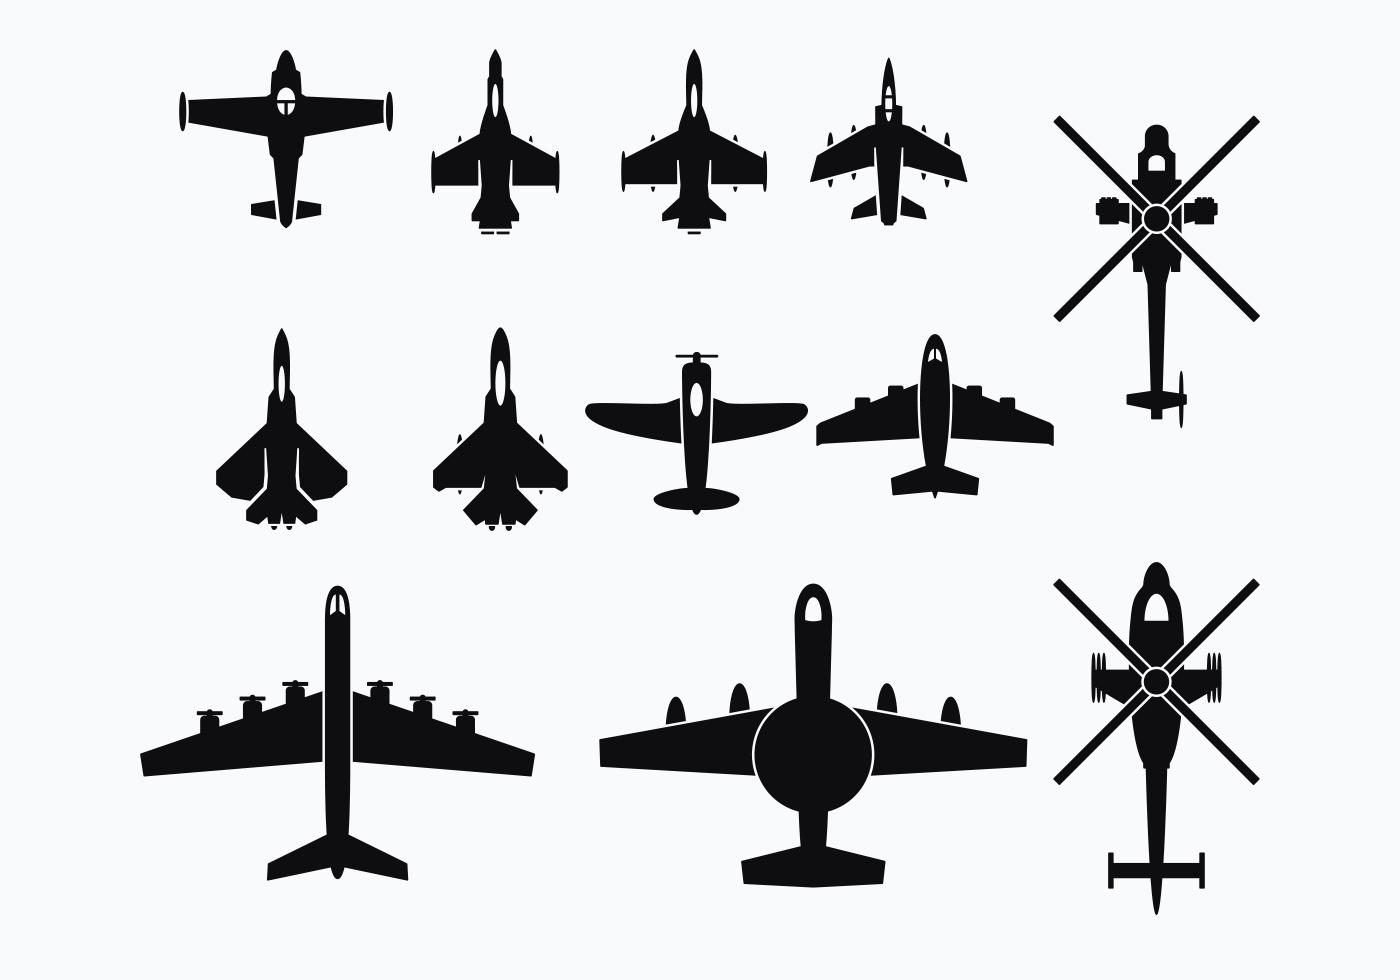 Avion Vector - Download Free Vector Art, Stock Graphics ...